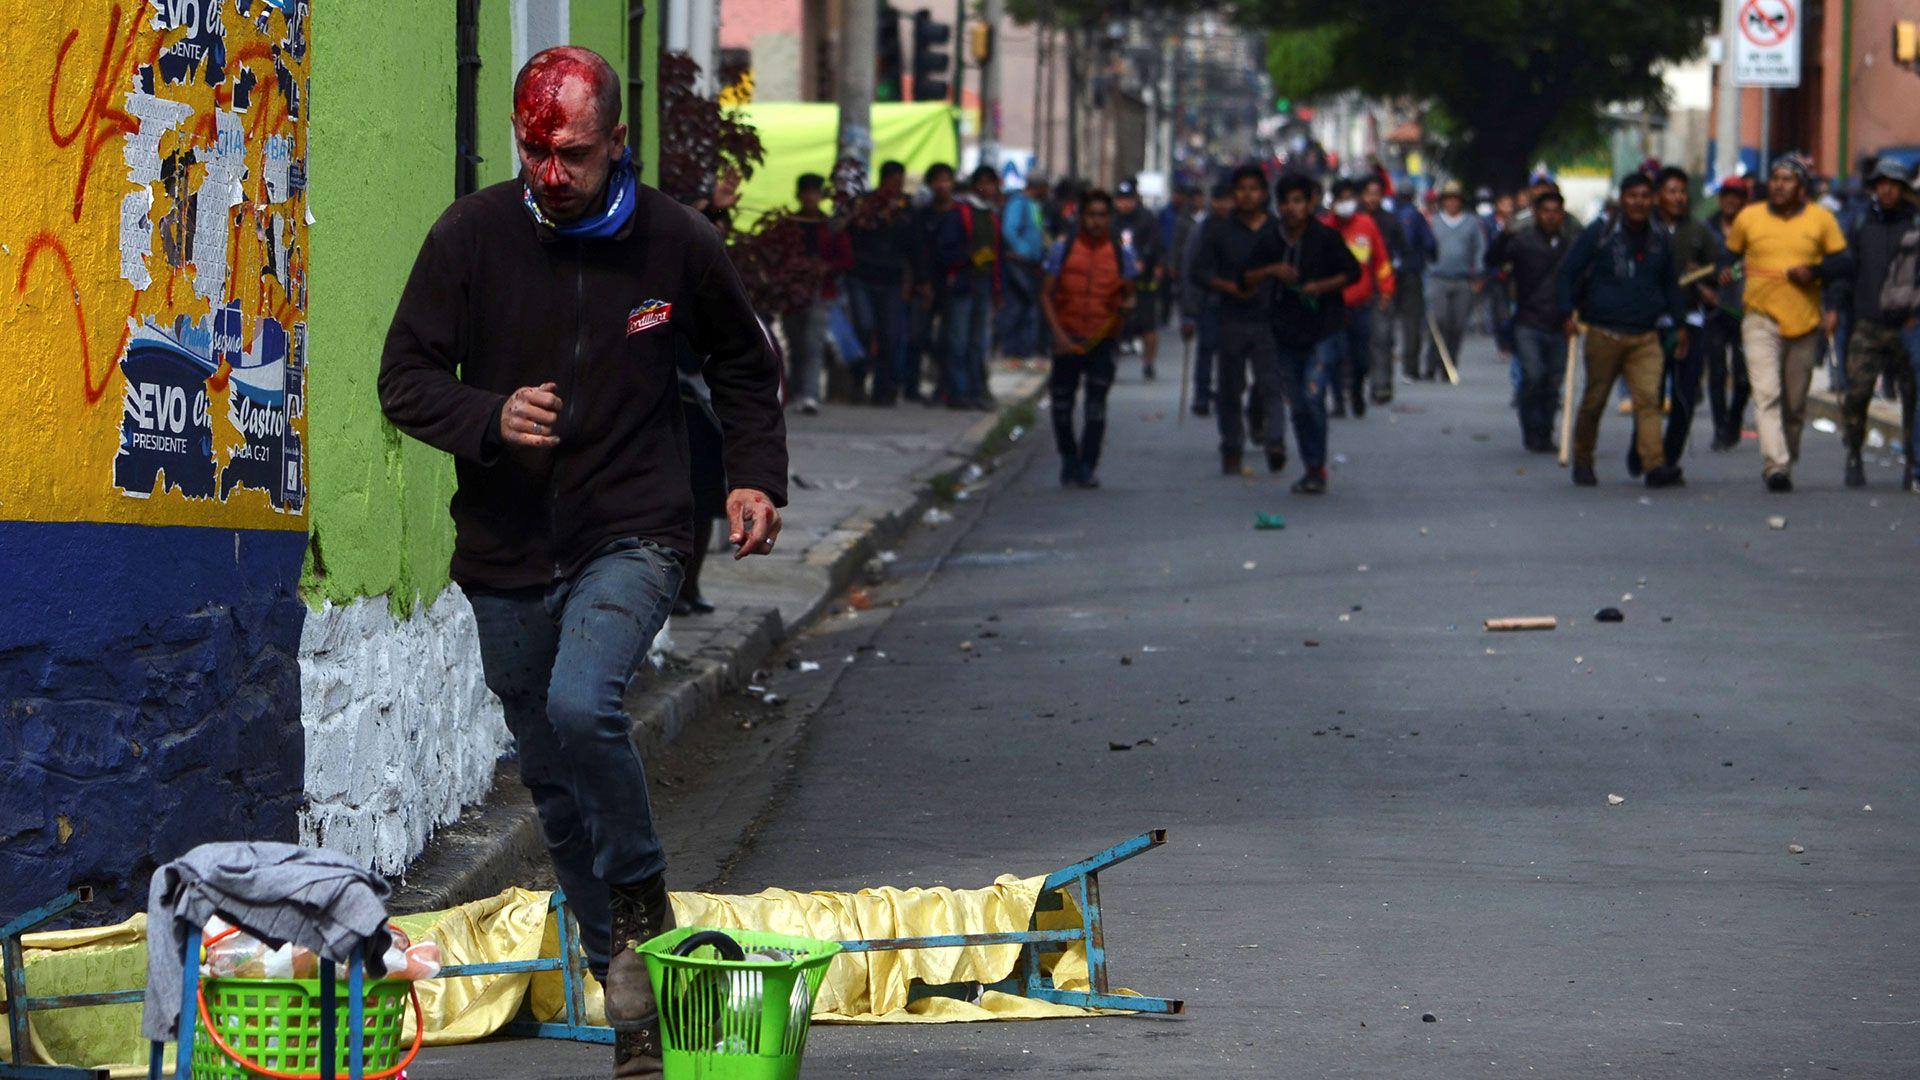 Una persona herida escapa de manifestantes violentos que salieron a las calles a acallar las protestas que denuncian fraude en las elecciones bolivianas.